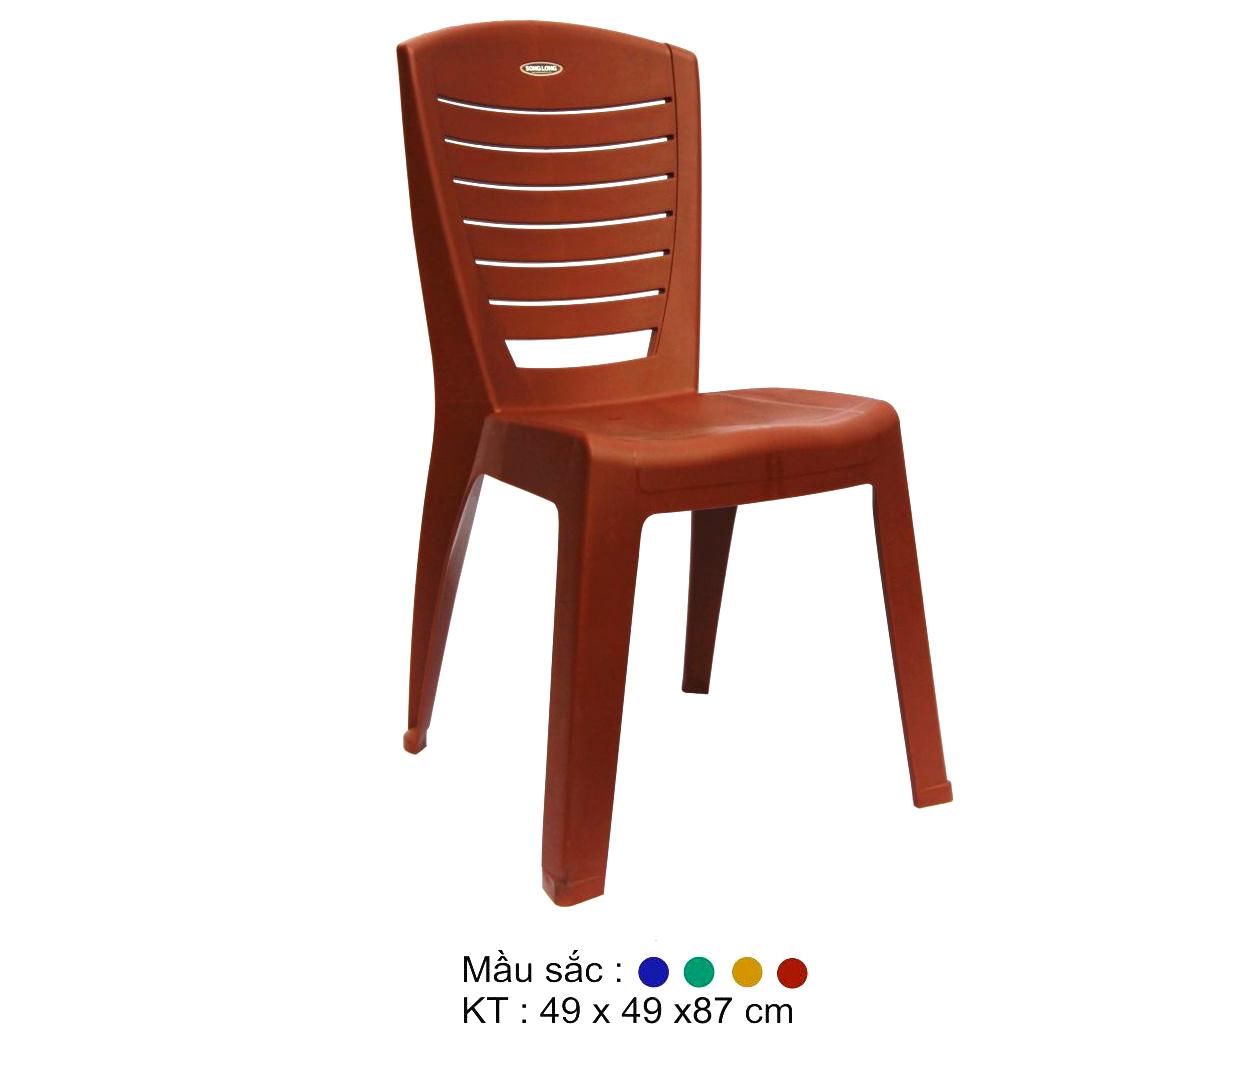 Kết quả hình ảnh cho ghế dựa đức song long